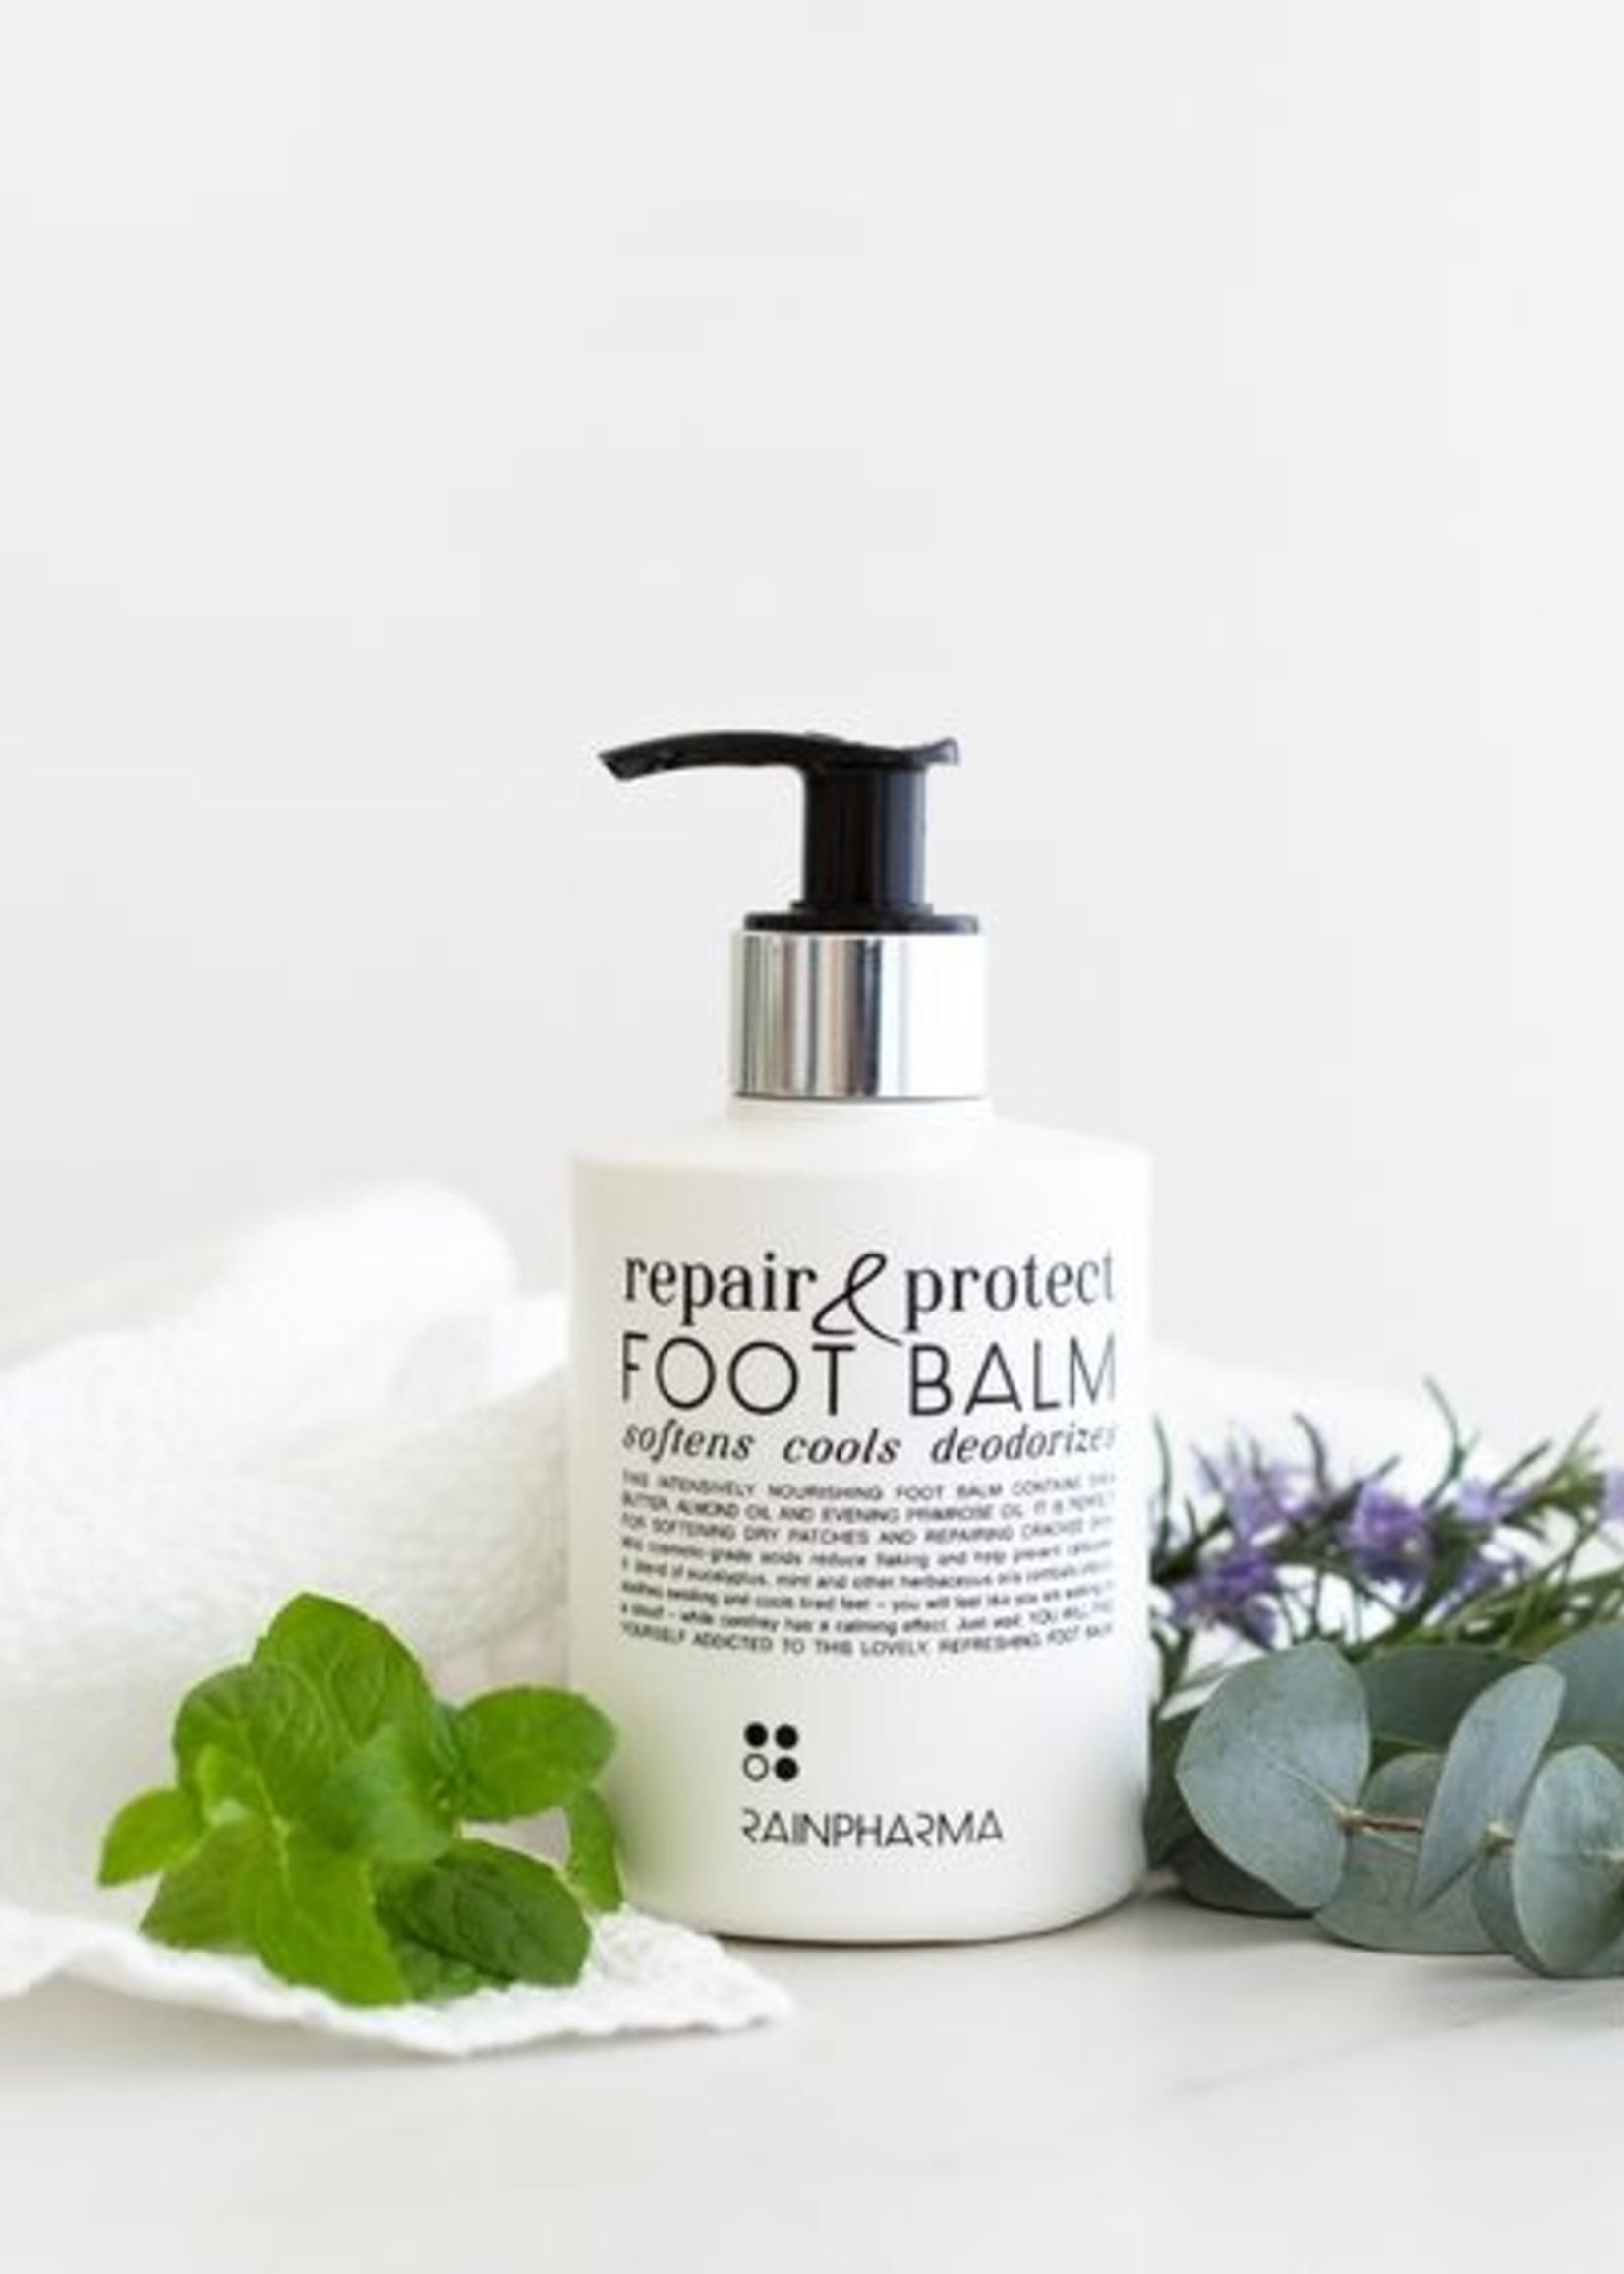 Rainpharma  REPAIR & PROTECT FOOT BALM